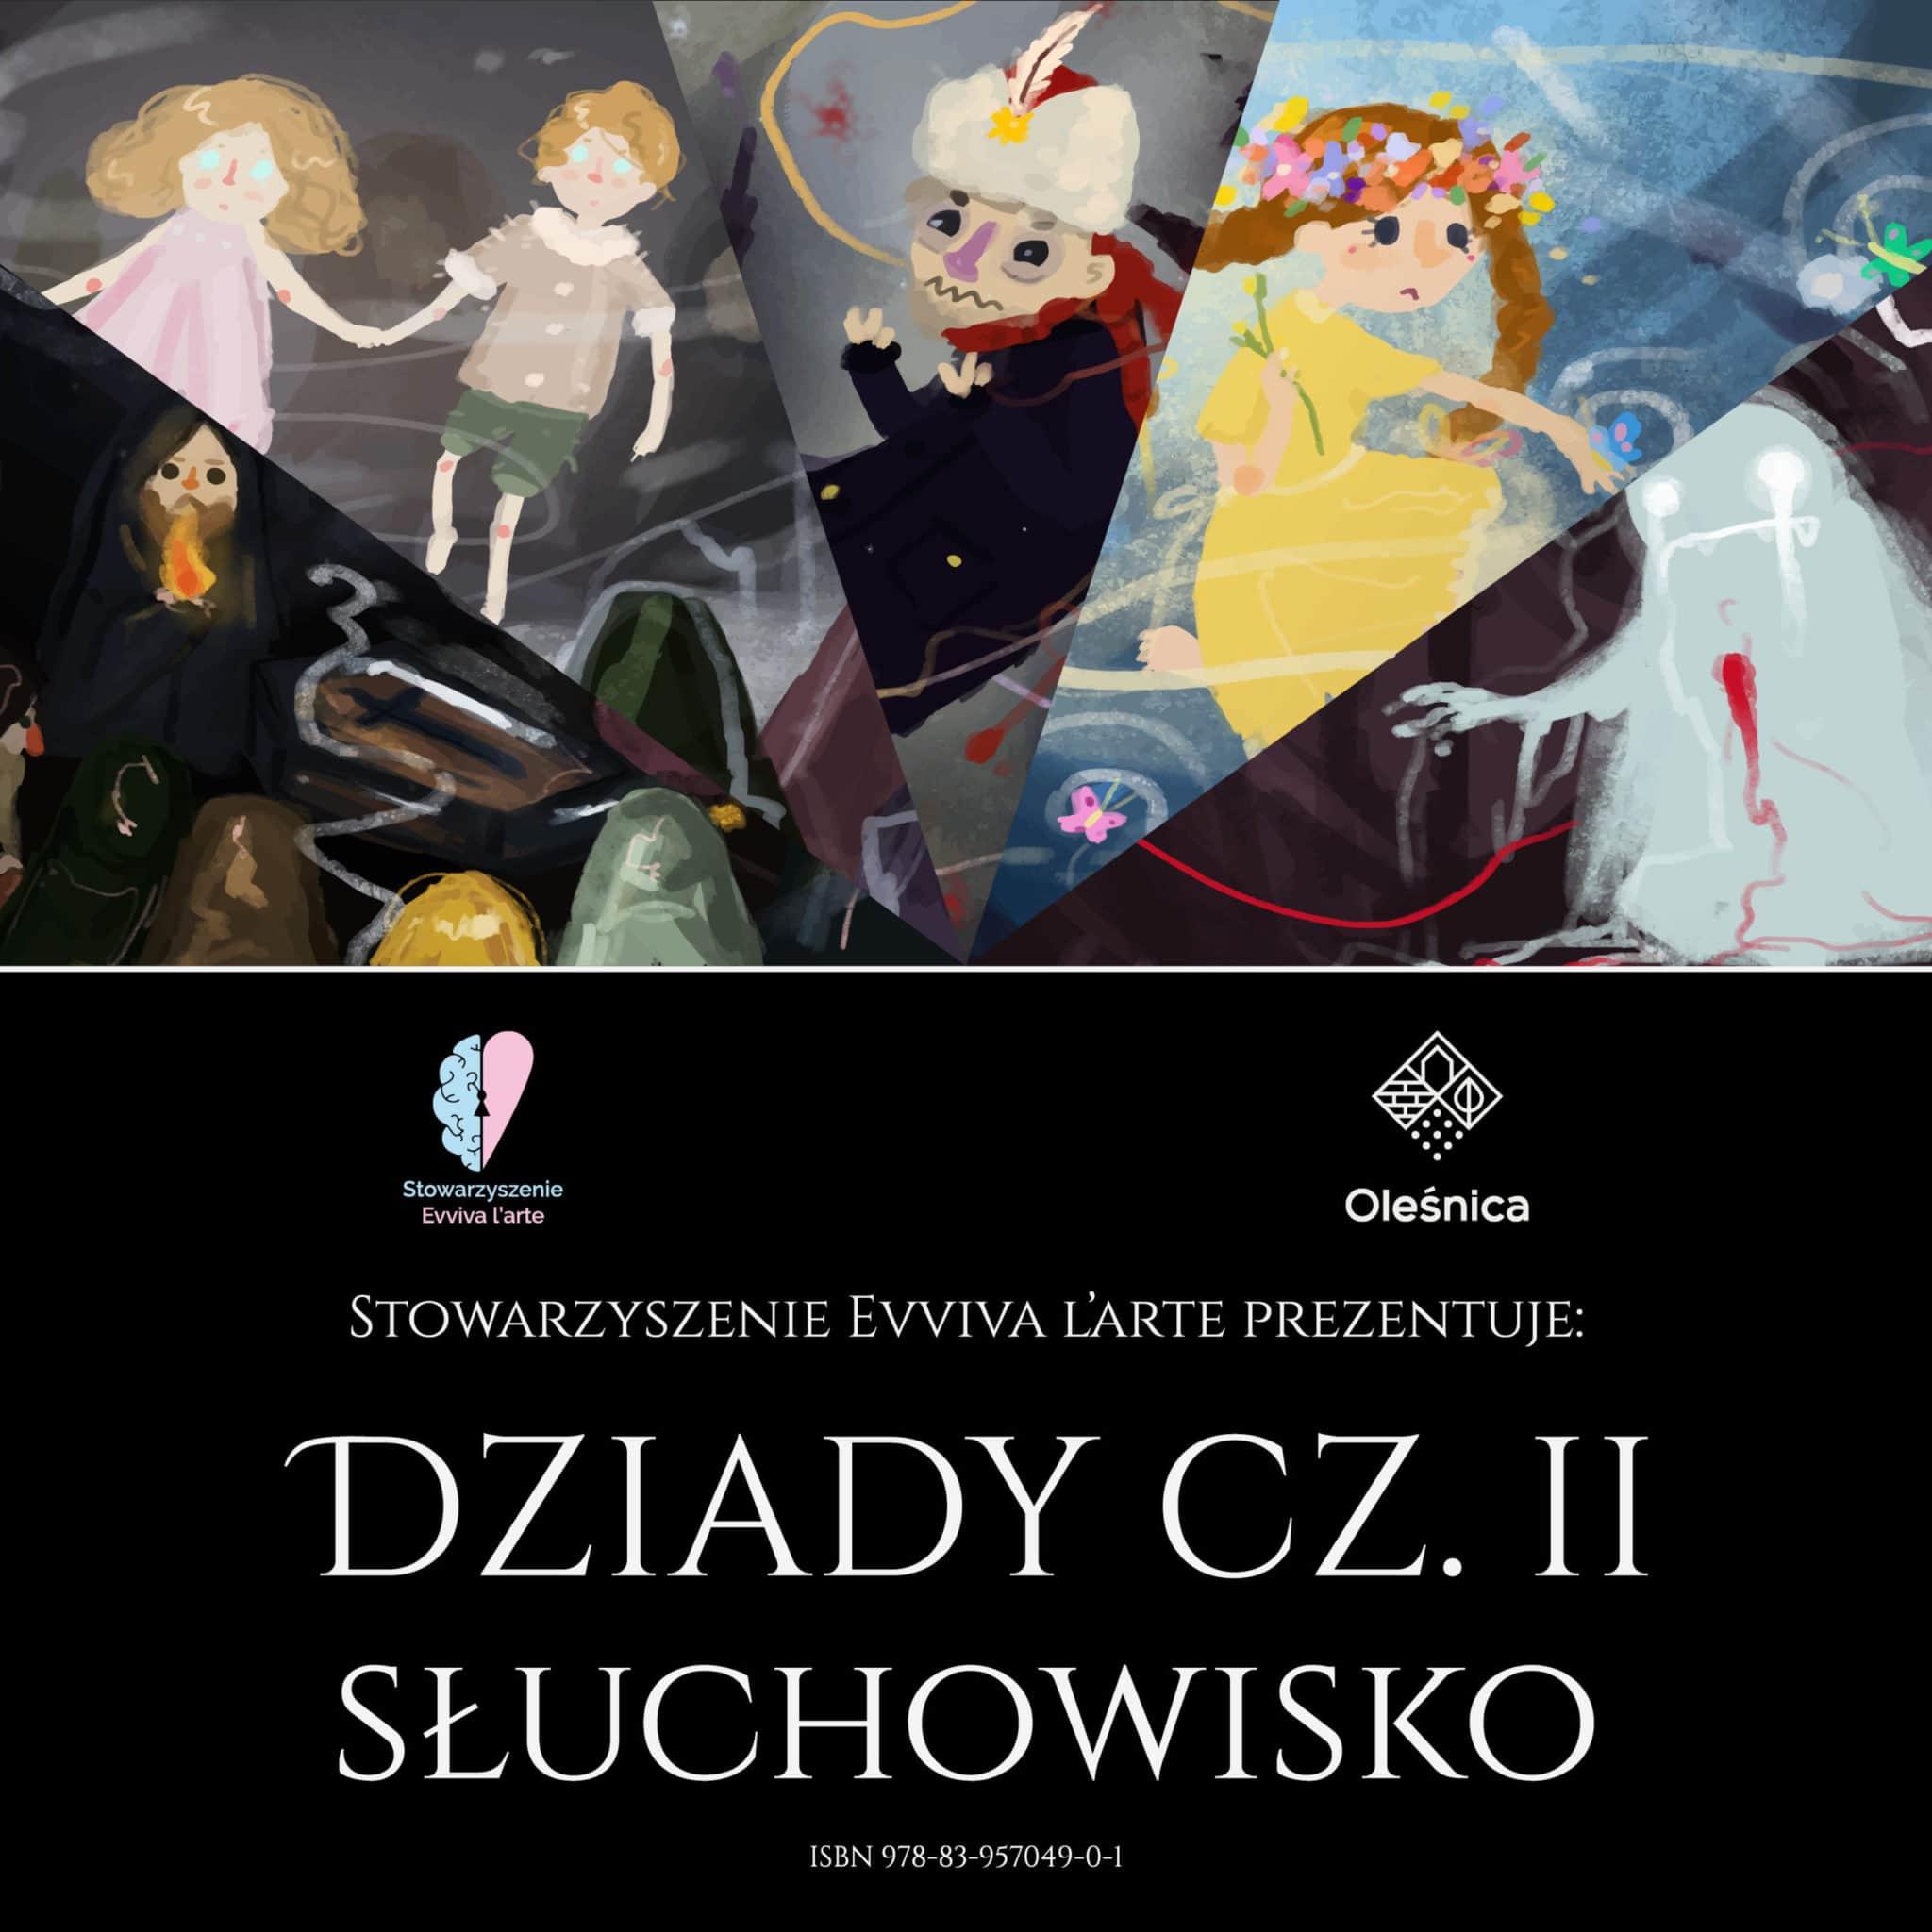 Dziady cz. II audiobook/słuchowisko